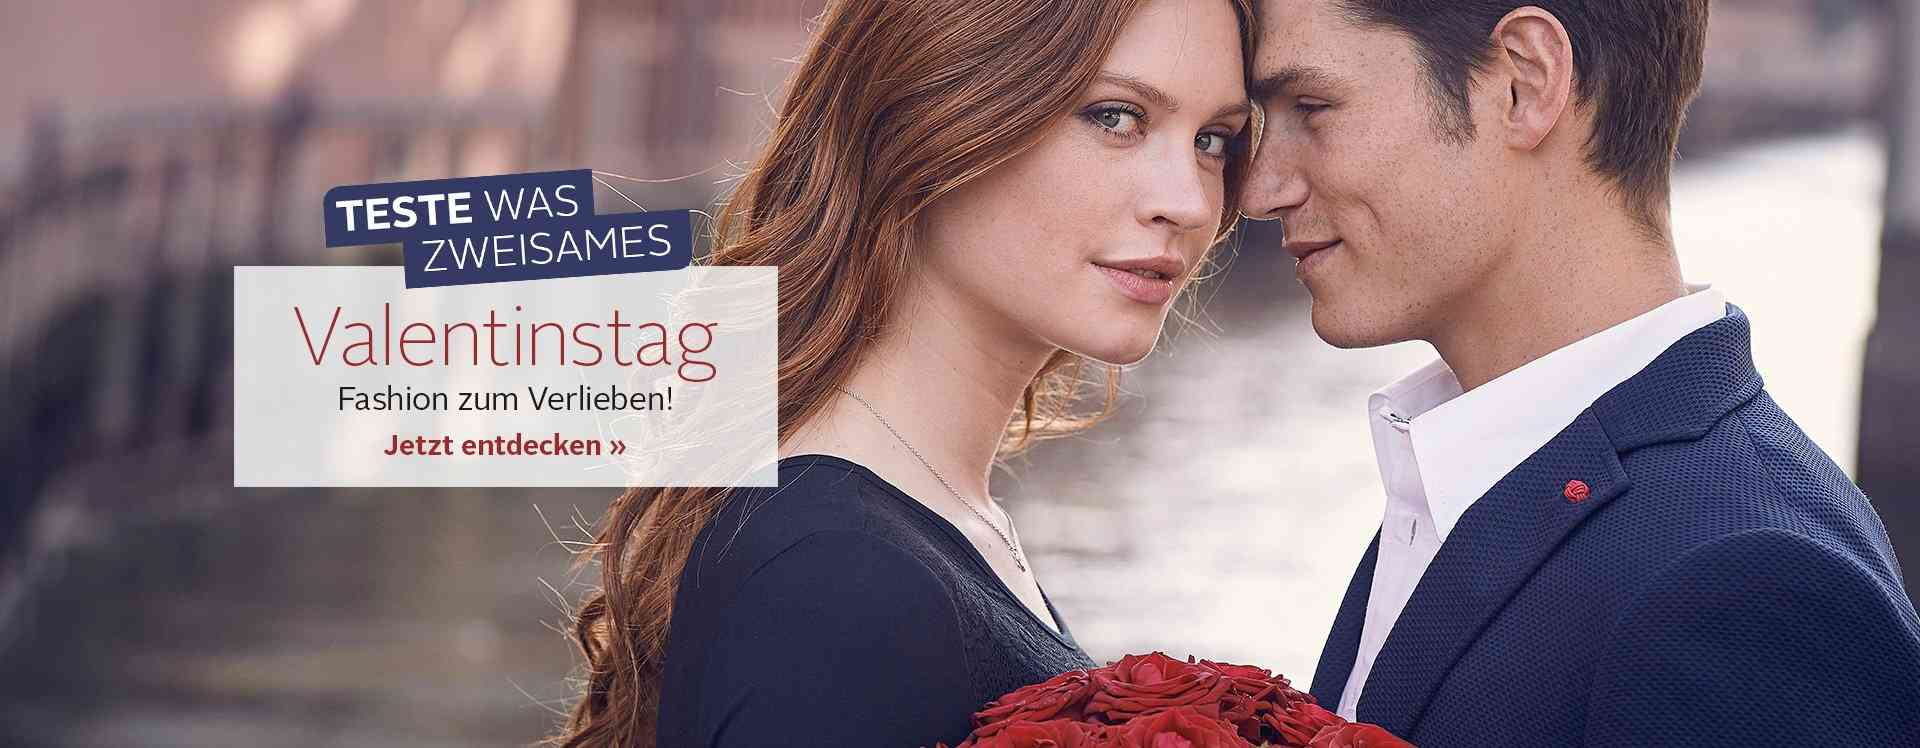 Valentinstagsmode: Mode zum Verlieben! Jetzt entdecken...